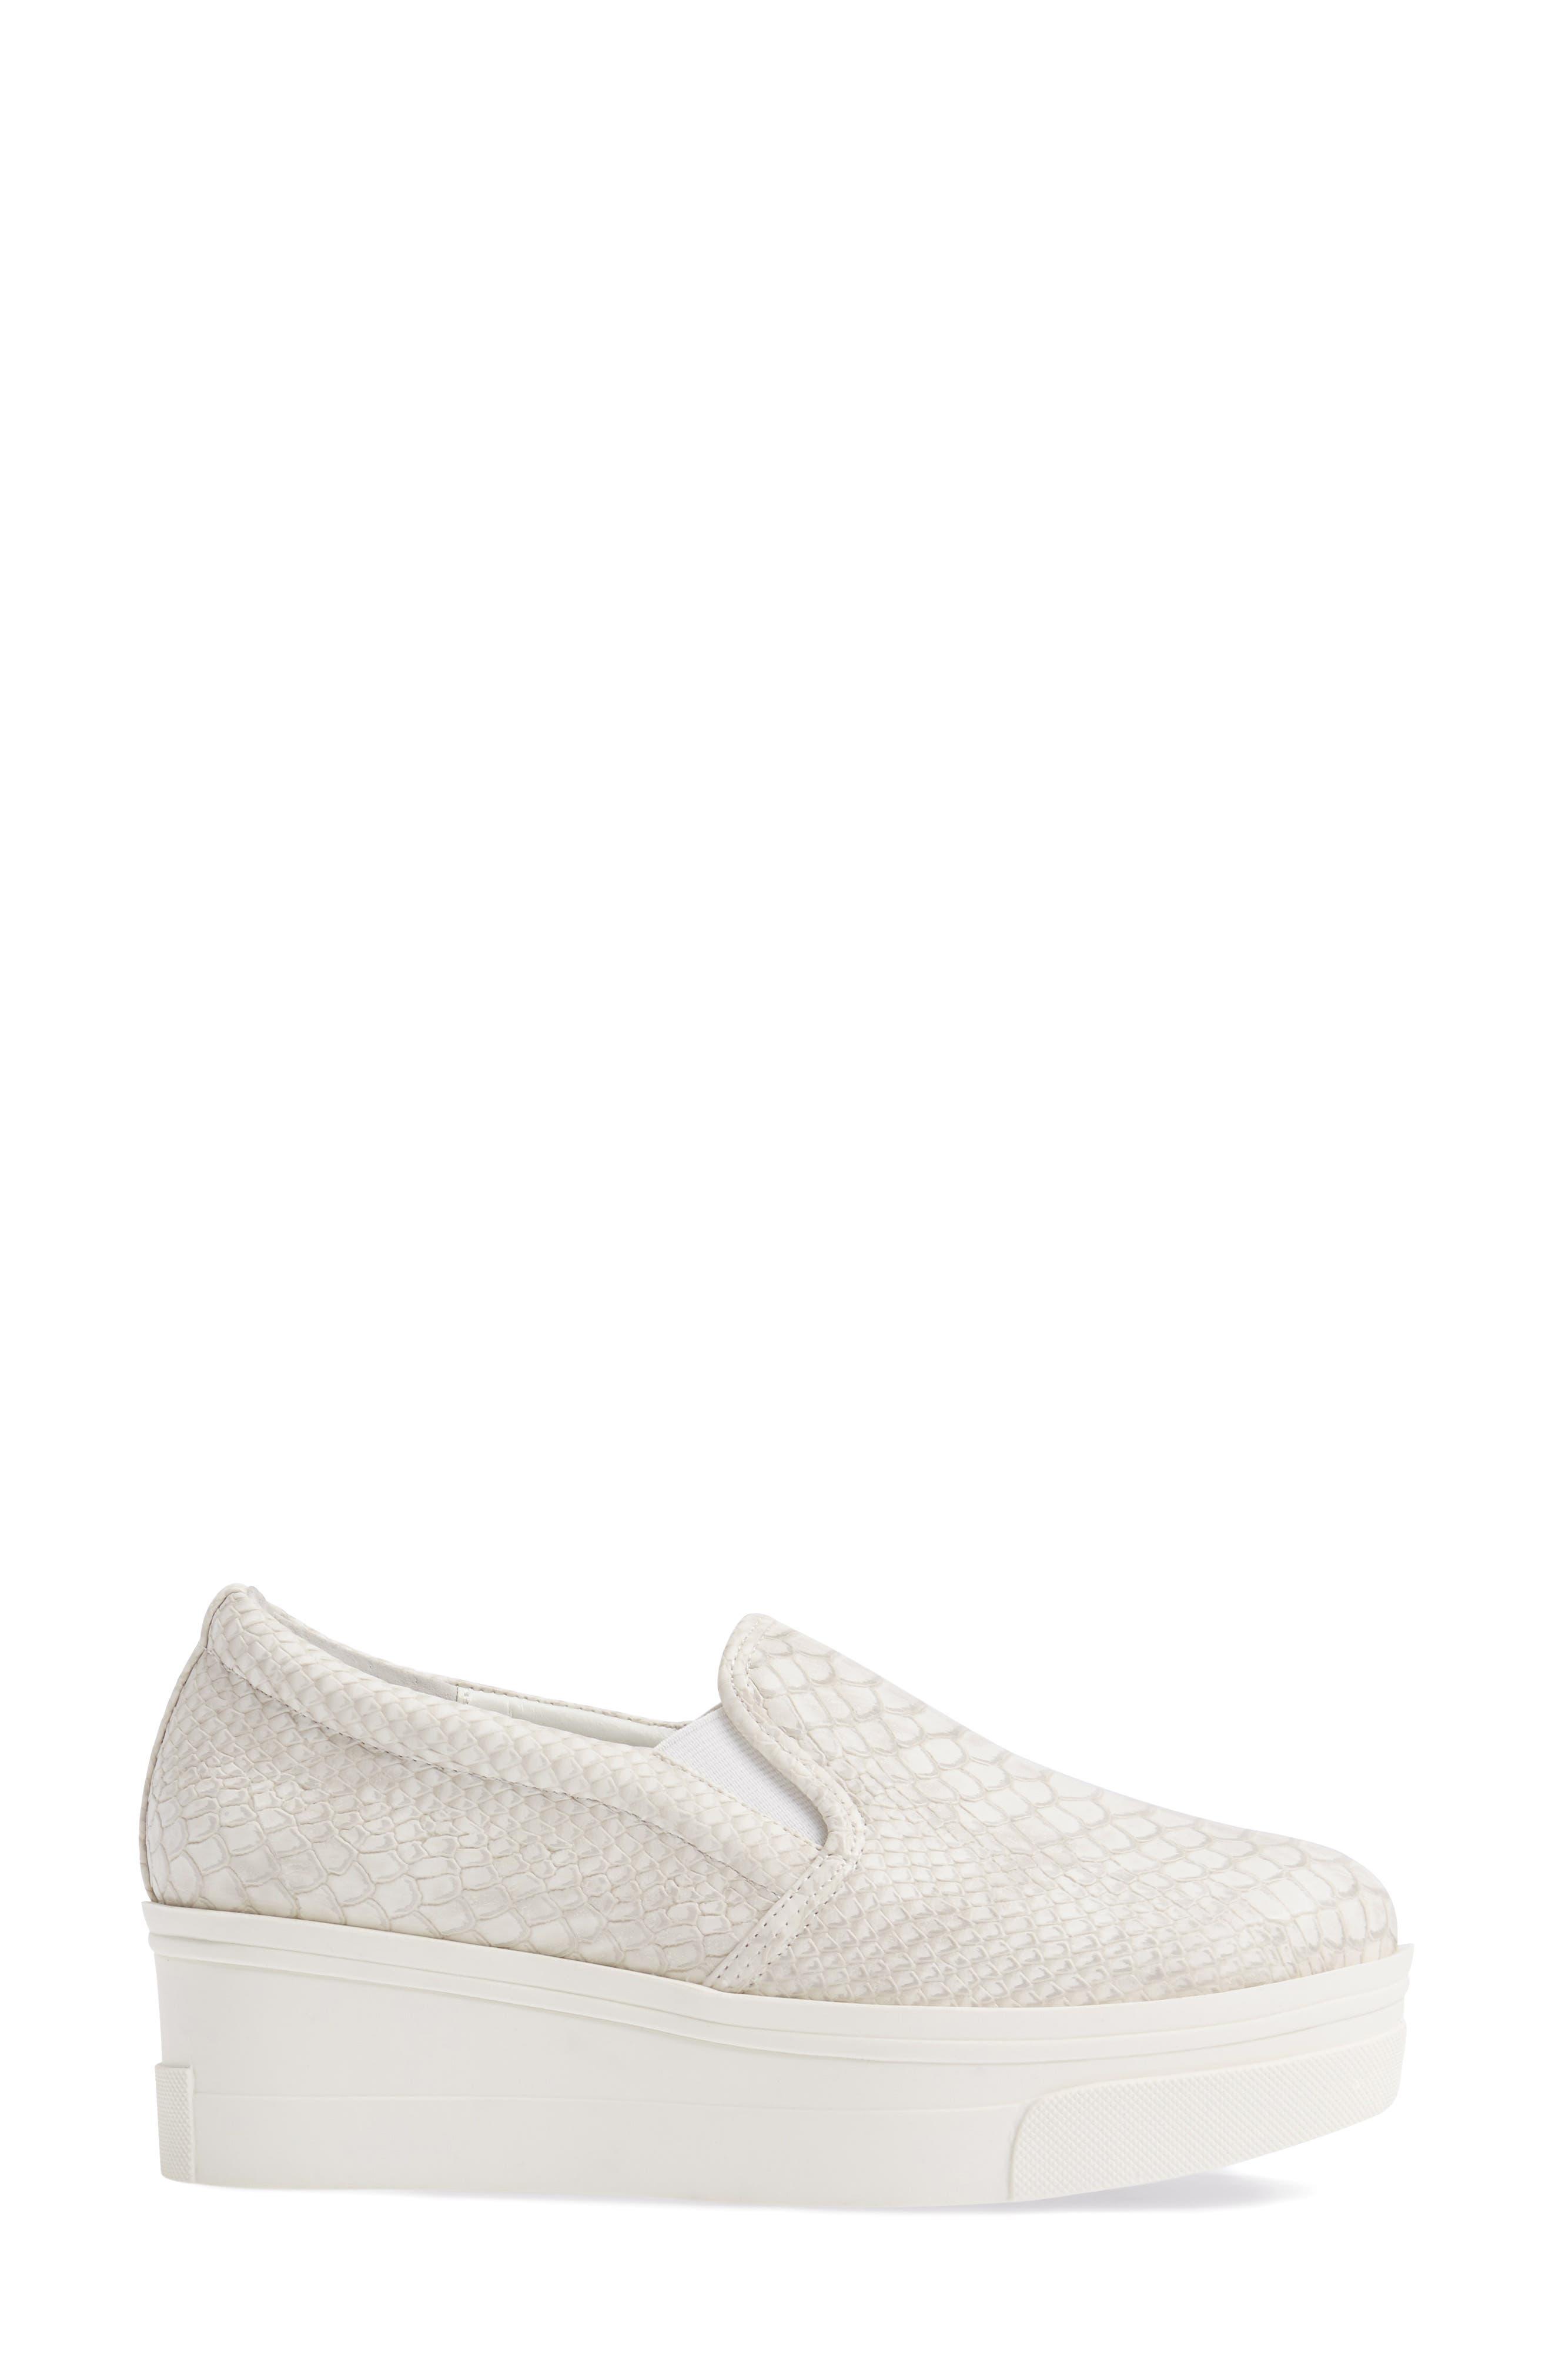 Genna Slip-On Sneaker,                             Alternate thumbnail 3, color,                             White Embossed Leather